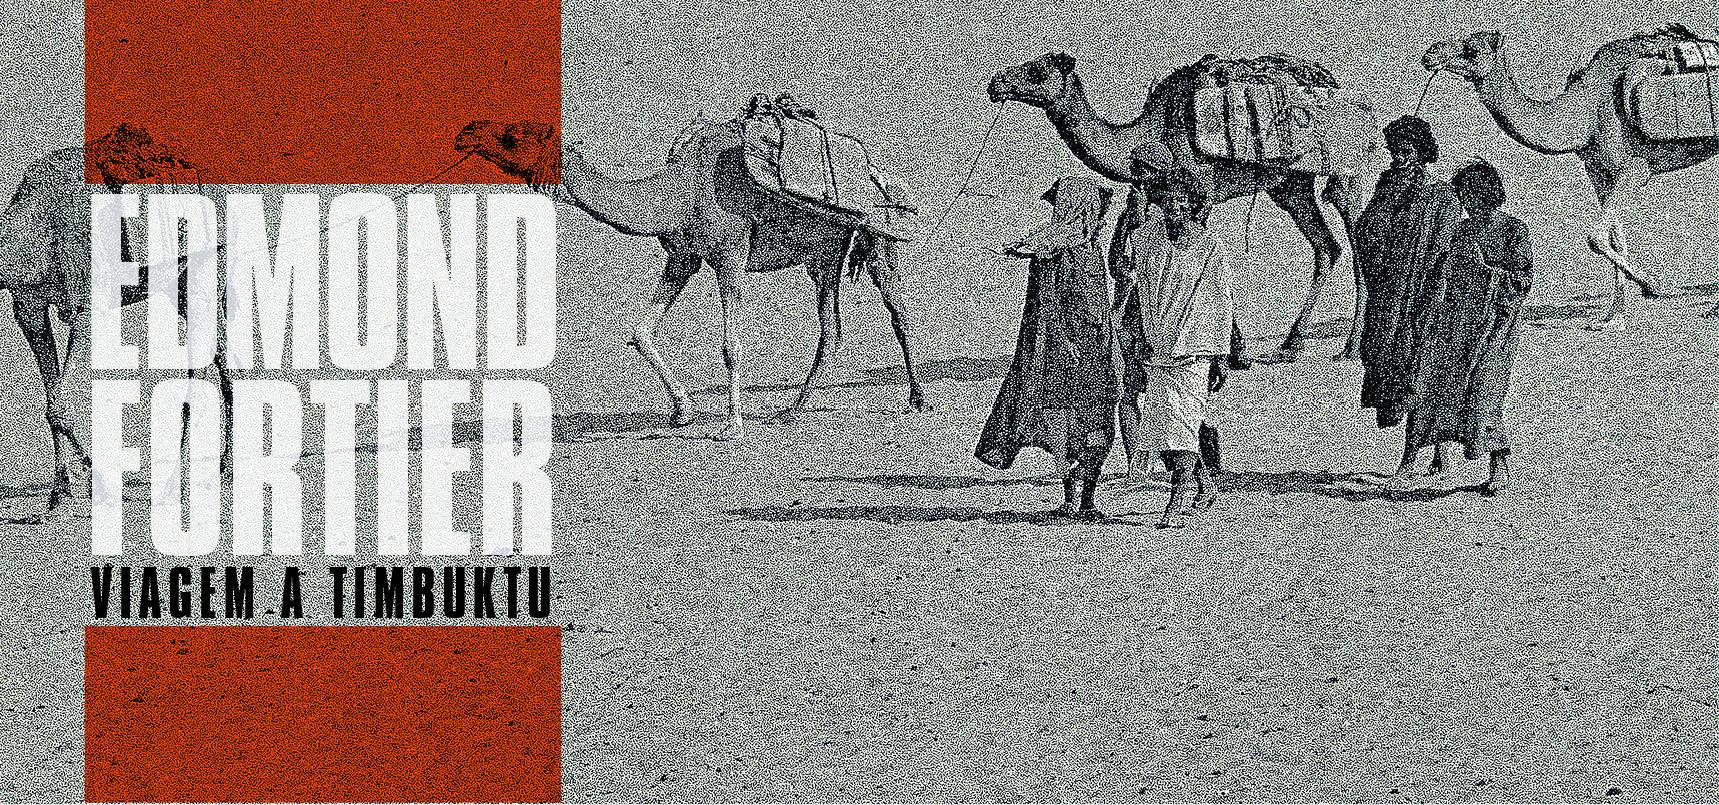 Edmond Fortier - Viagem a Timbuktu